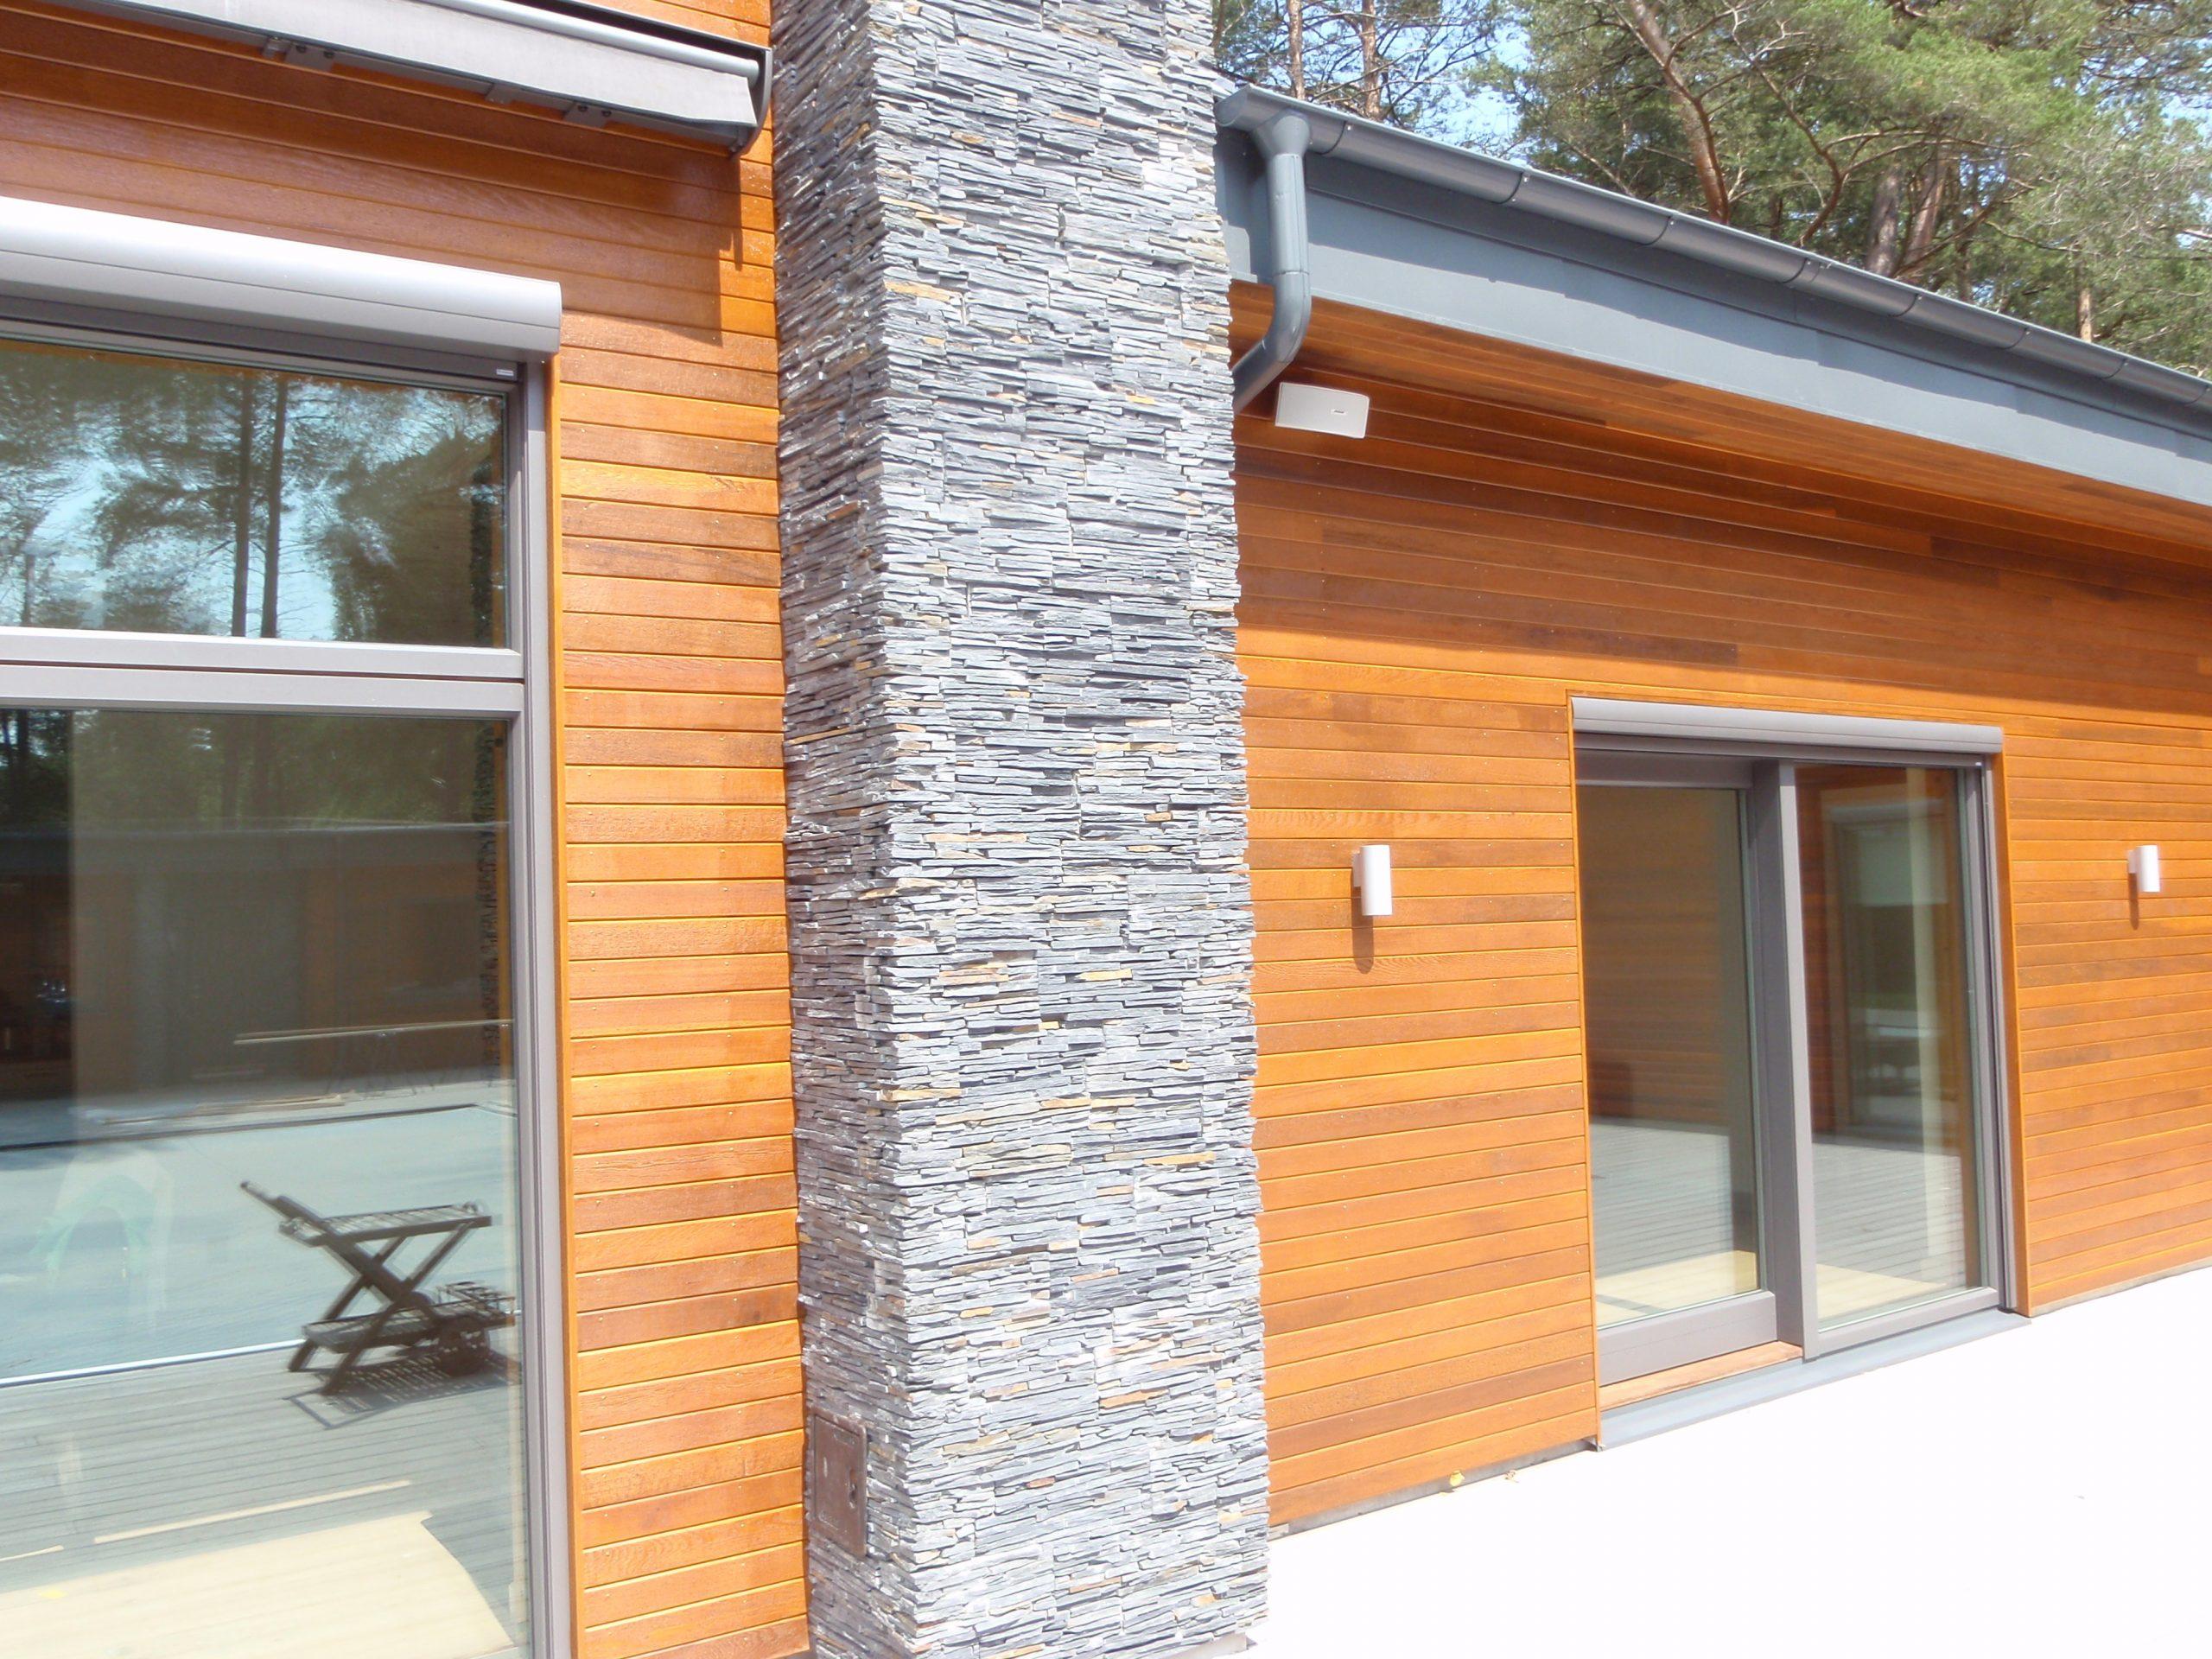 Cederträ fasad sten